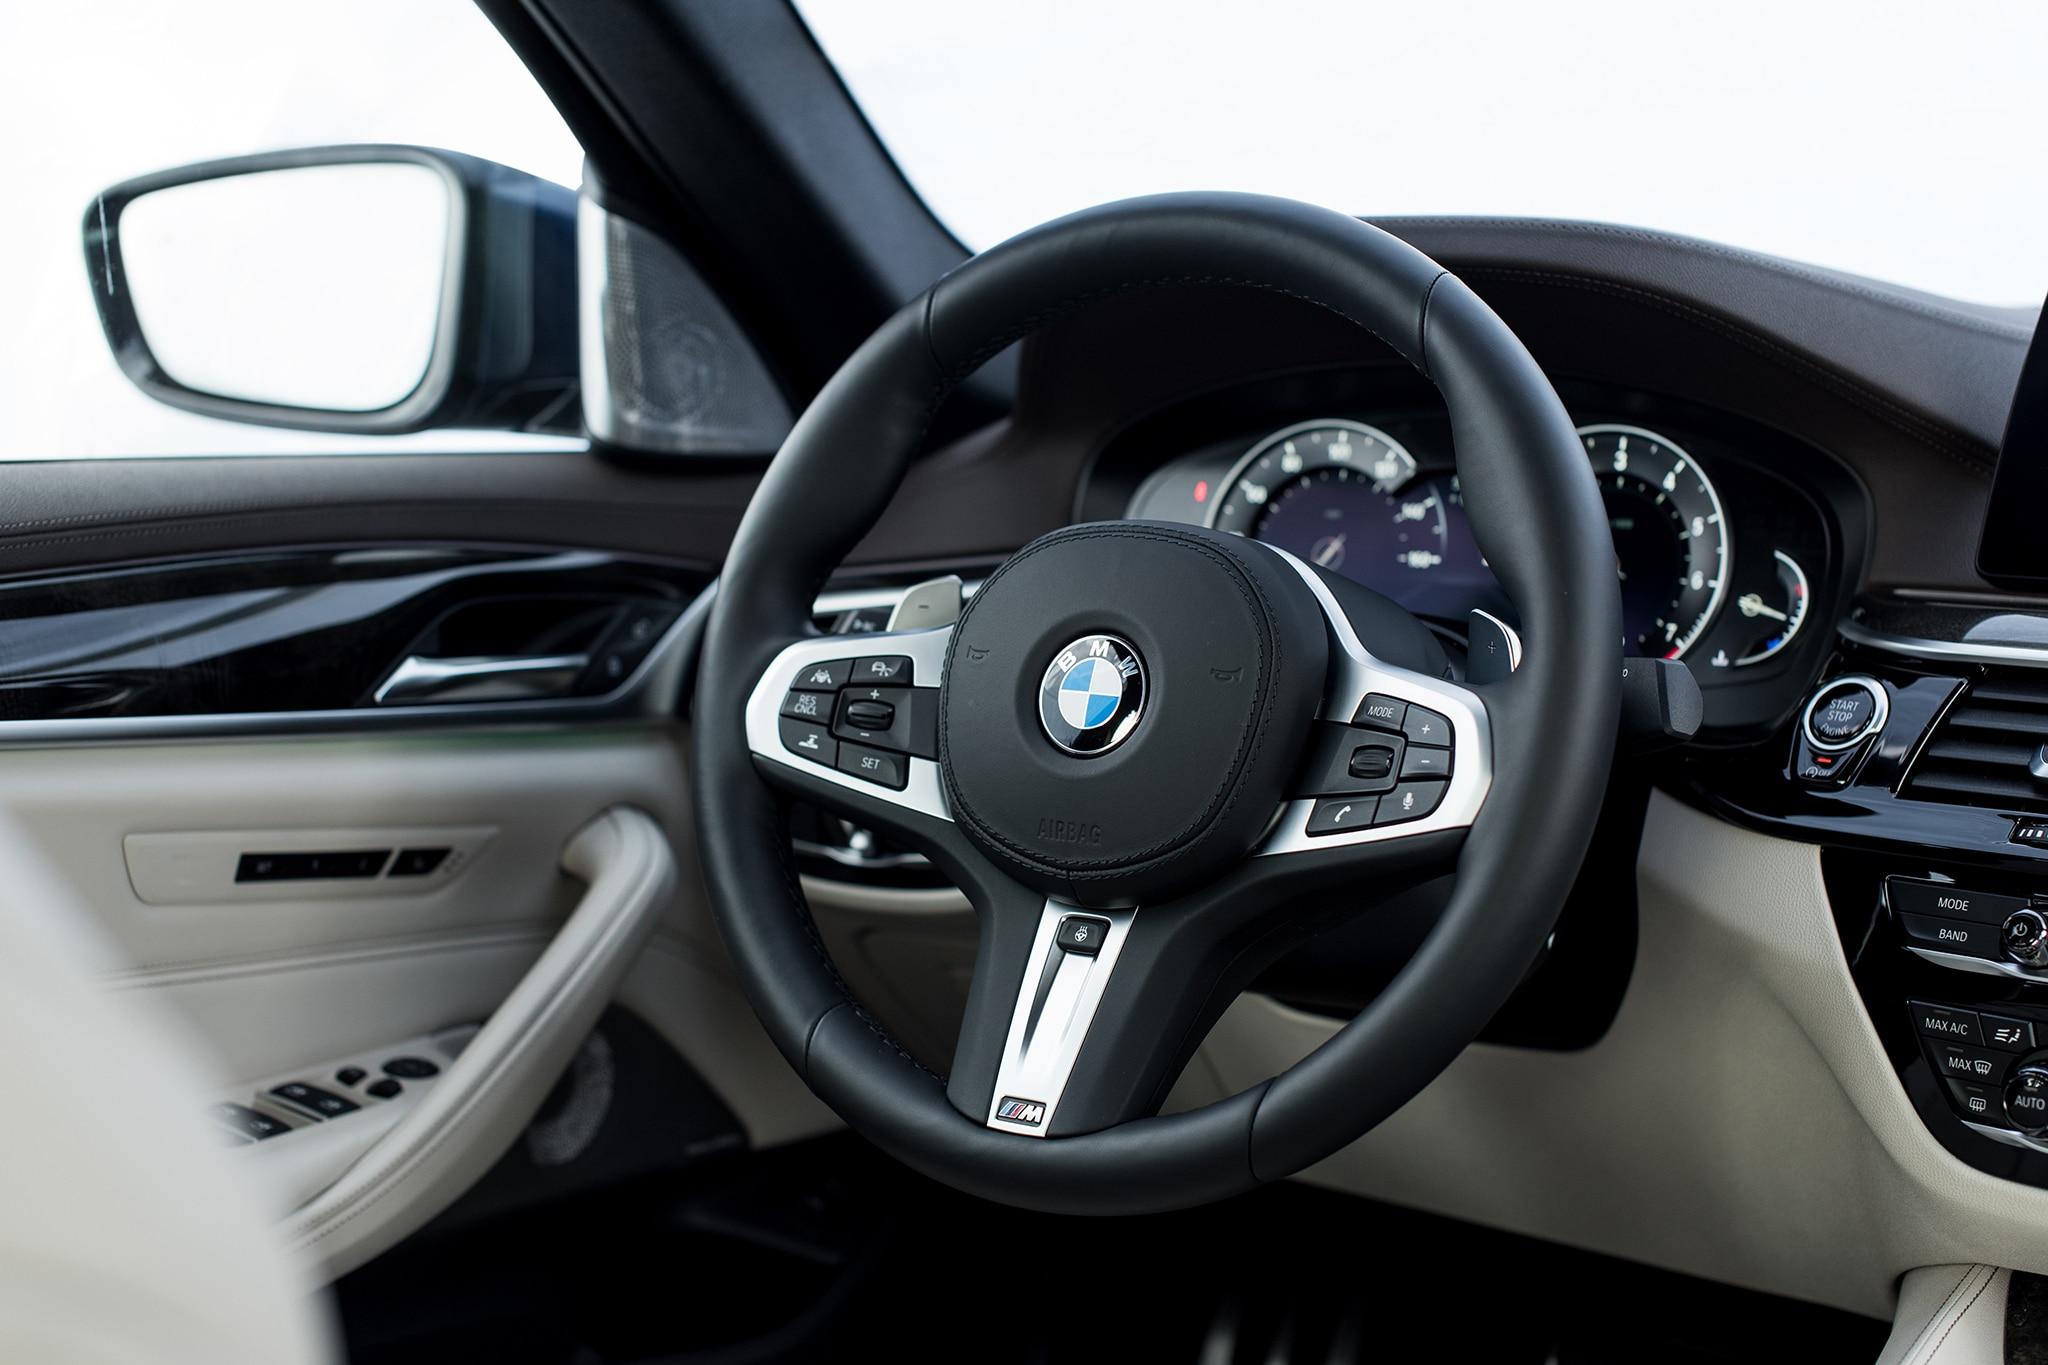 2017 BMW 540i M Sport One Week Review | Automobile Magazine